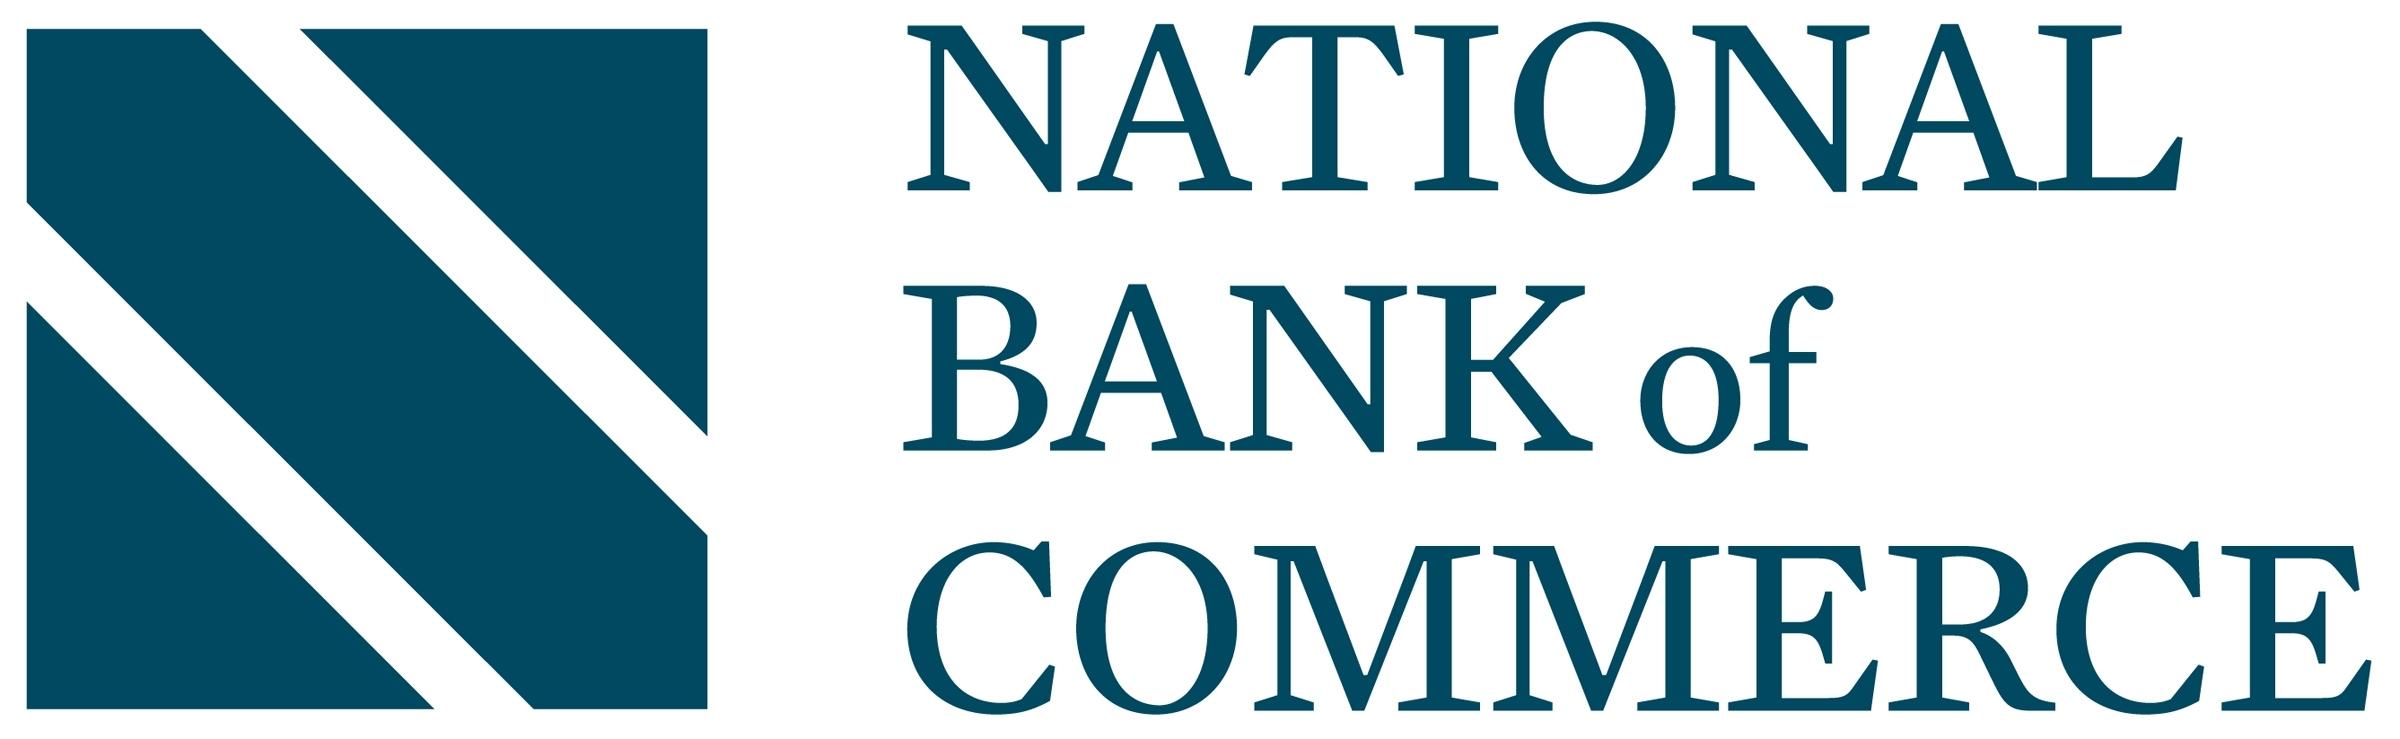 National Bank of Commerce.jpg